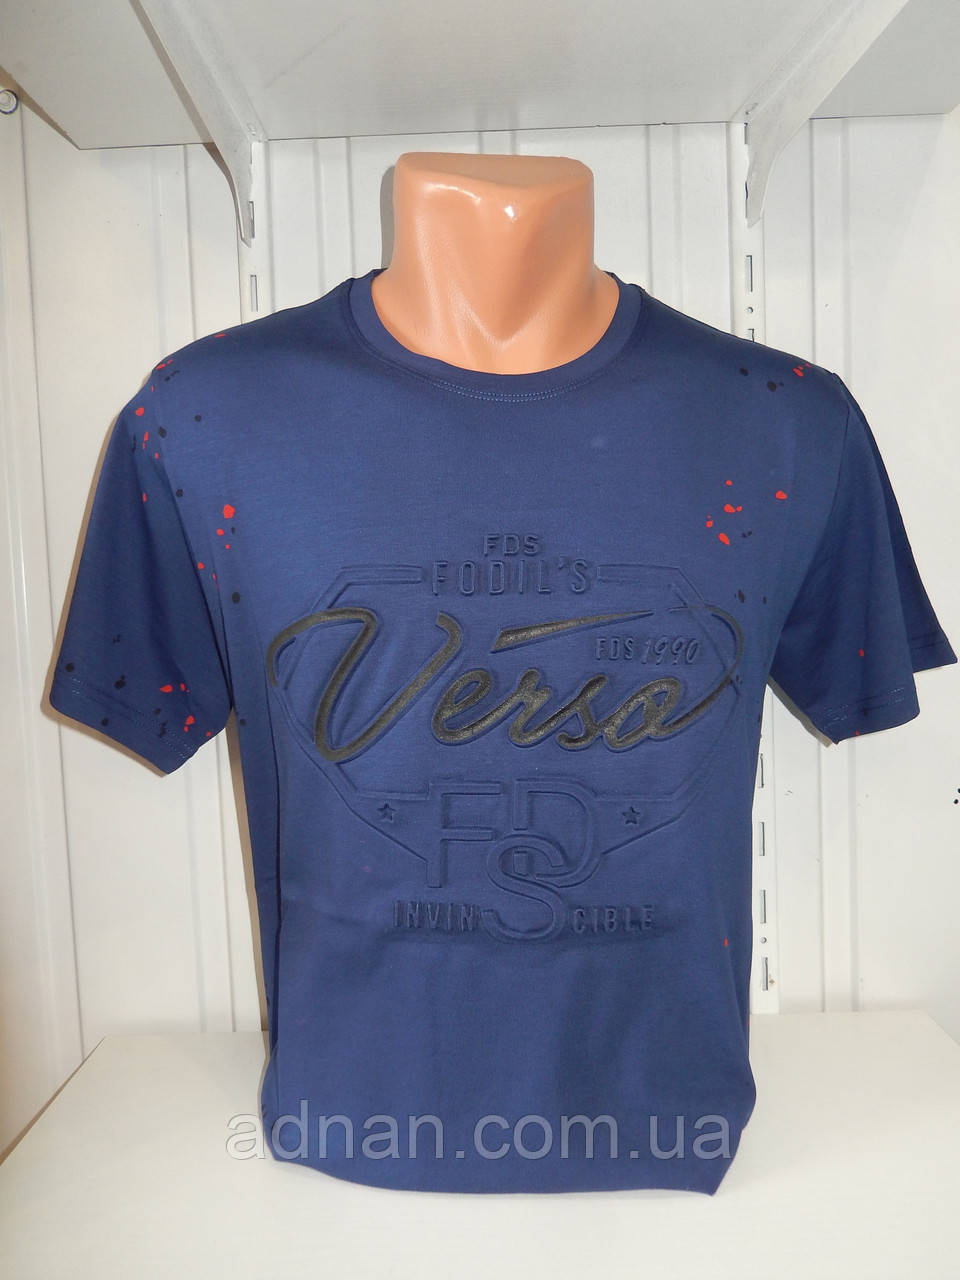 Футболка мужская FODILS  стрейч коттон, 3D 004\ купить футболку мужскую оптом